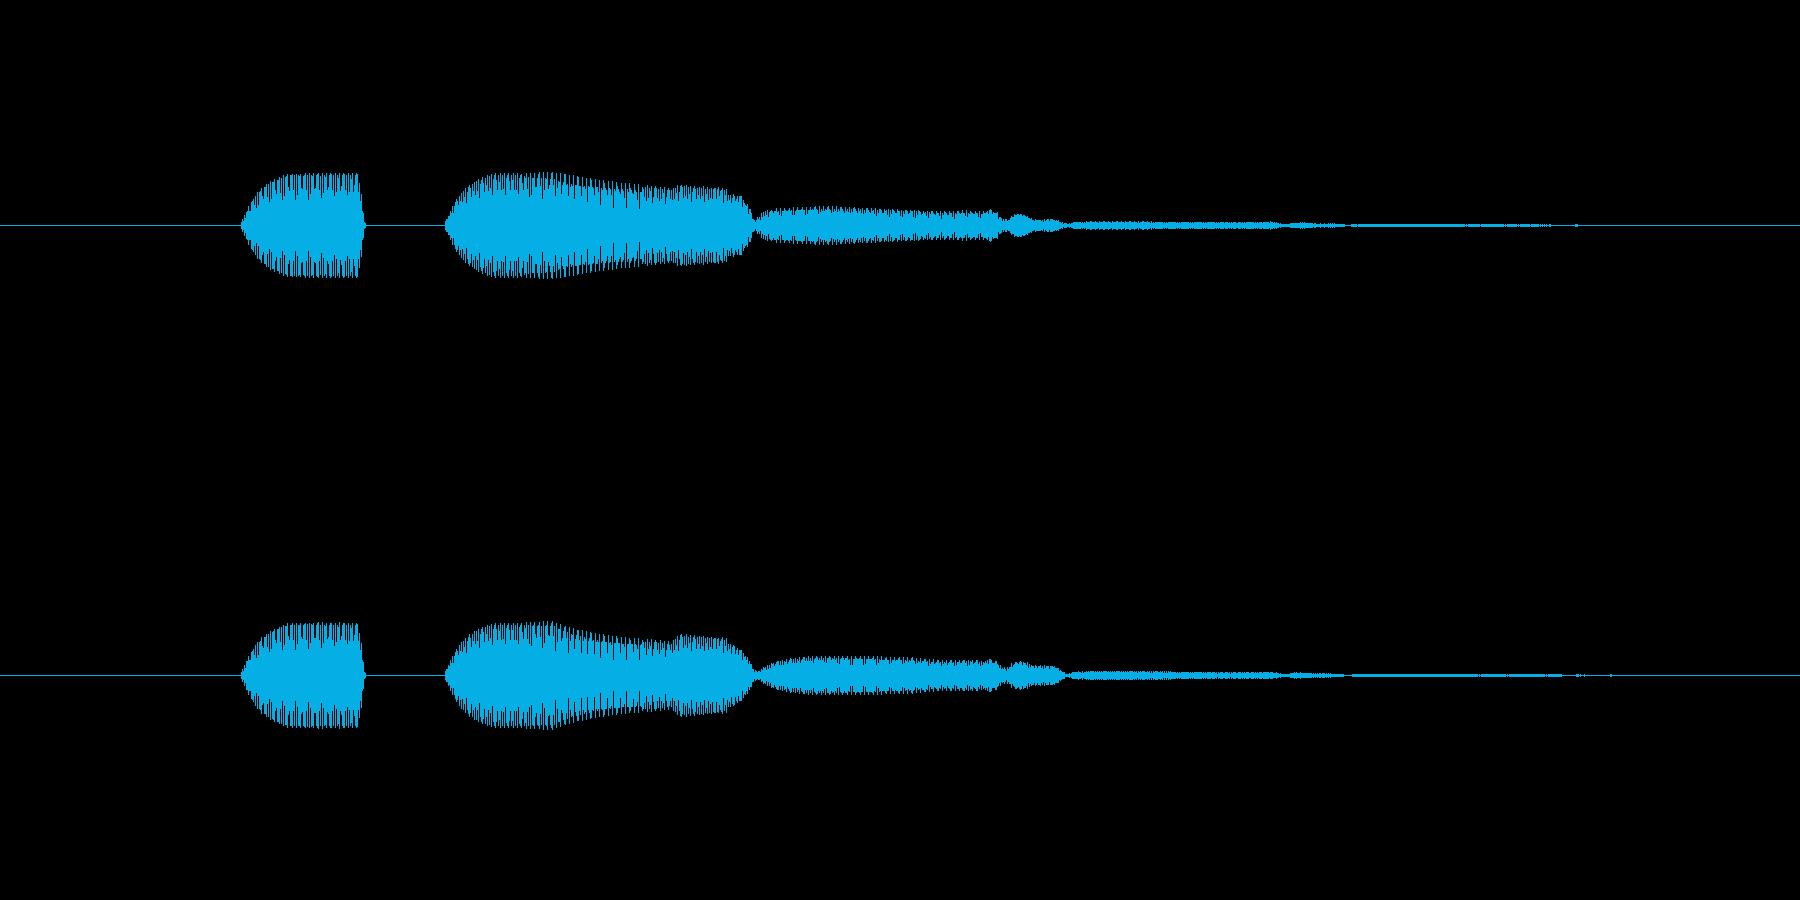 カーソル移動(長めの音)の再生済みの波形